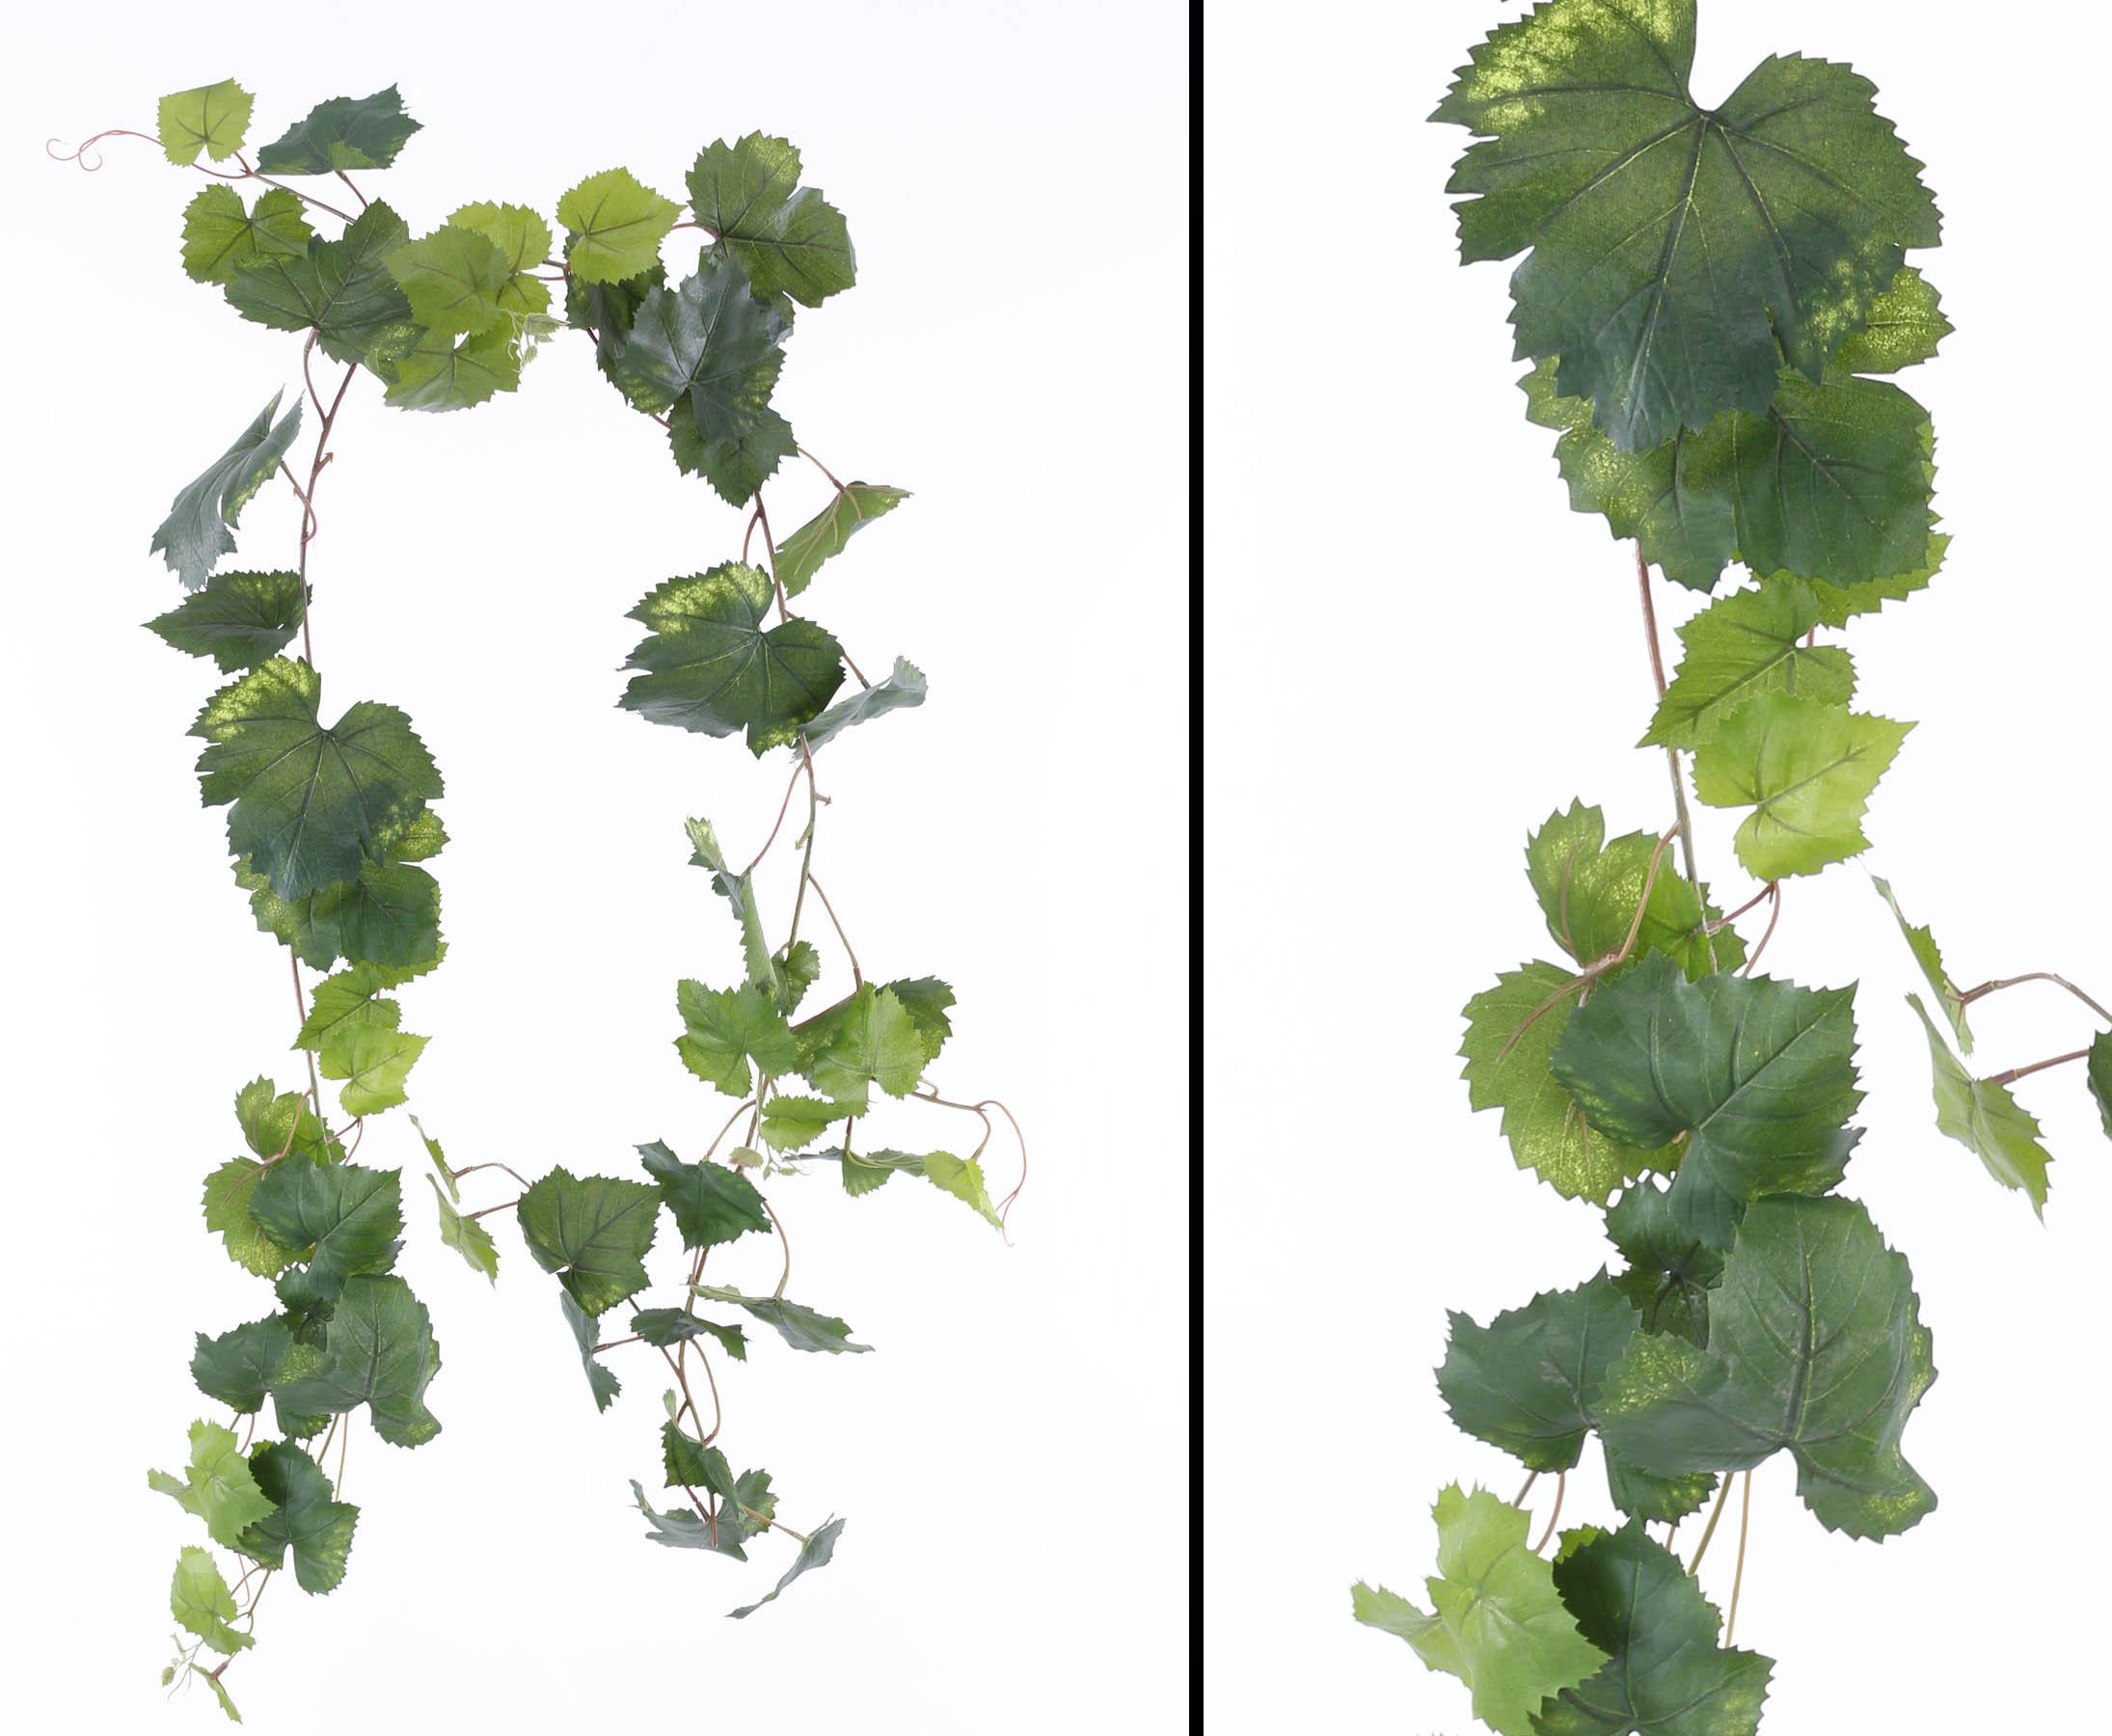 weinpflanzen rebstock k nstliche weintraubenhier g nstig. Black Bedroom Furniture Sets. Home Design Ideas